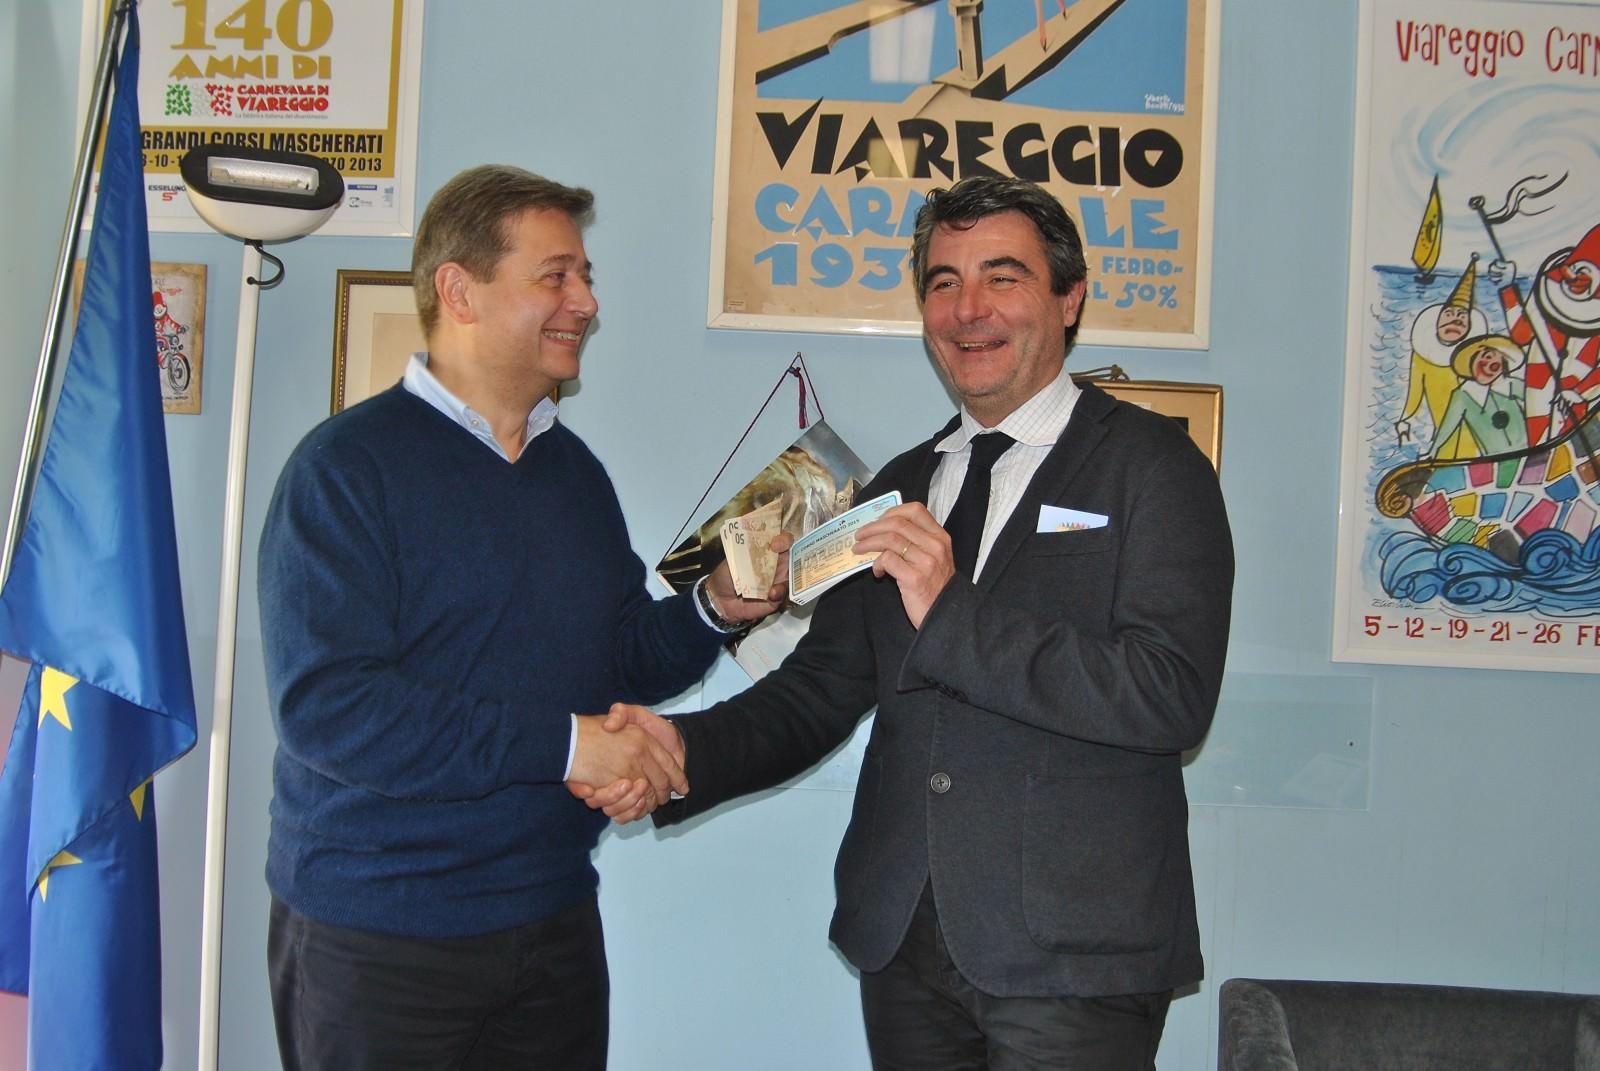 Baccelli e Pozzoli da Franceschini, per il Carnevale di Viareggio possibili aiuti dal ministero